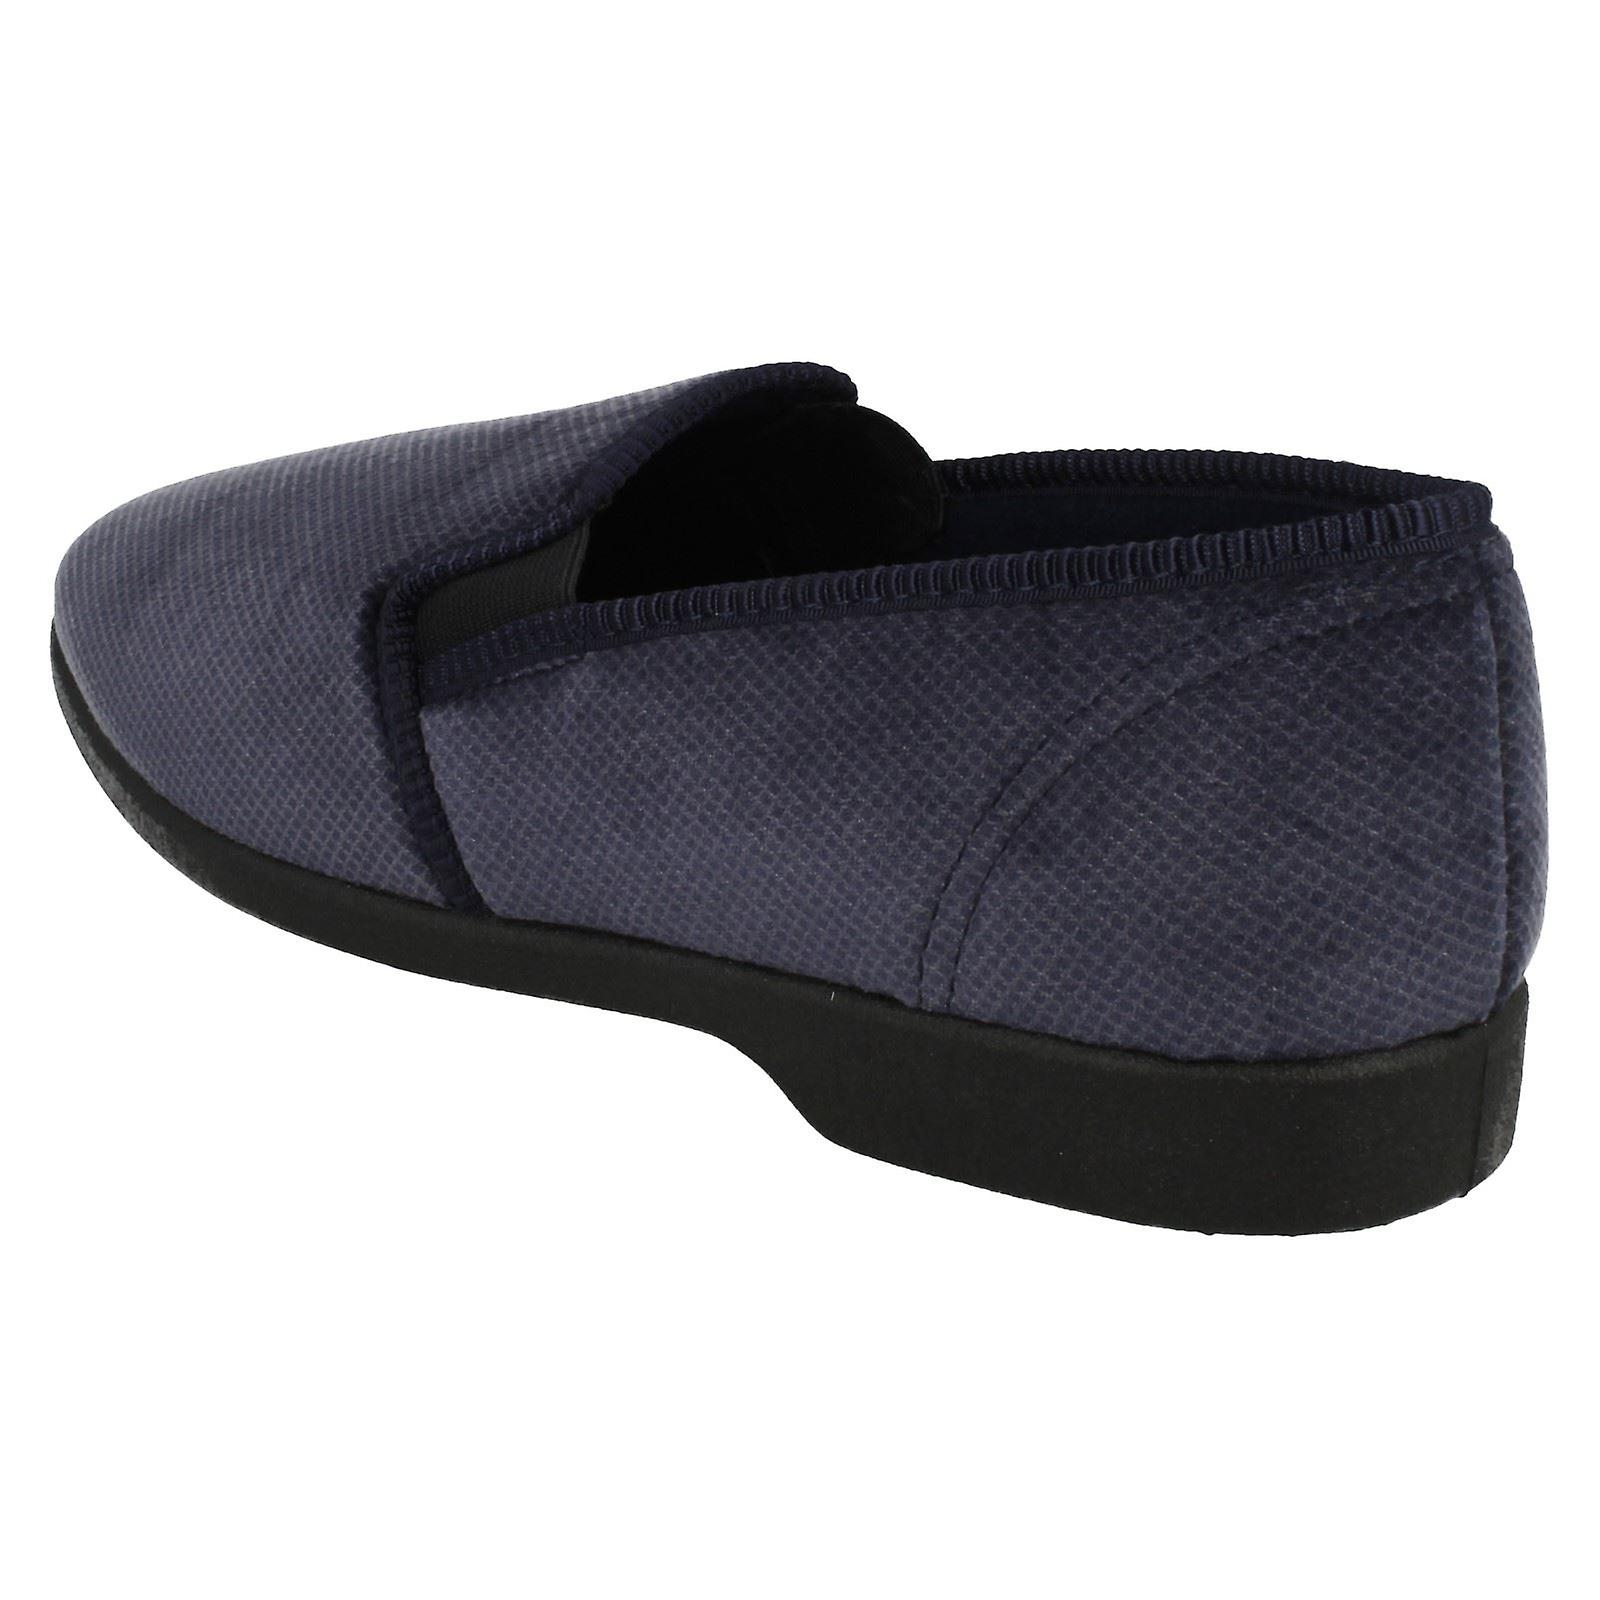 House 101219 Mens Footwear Slippers Comfortable Burdale CxqgtZ